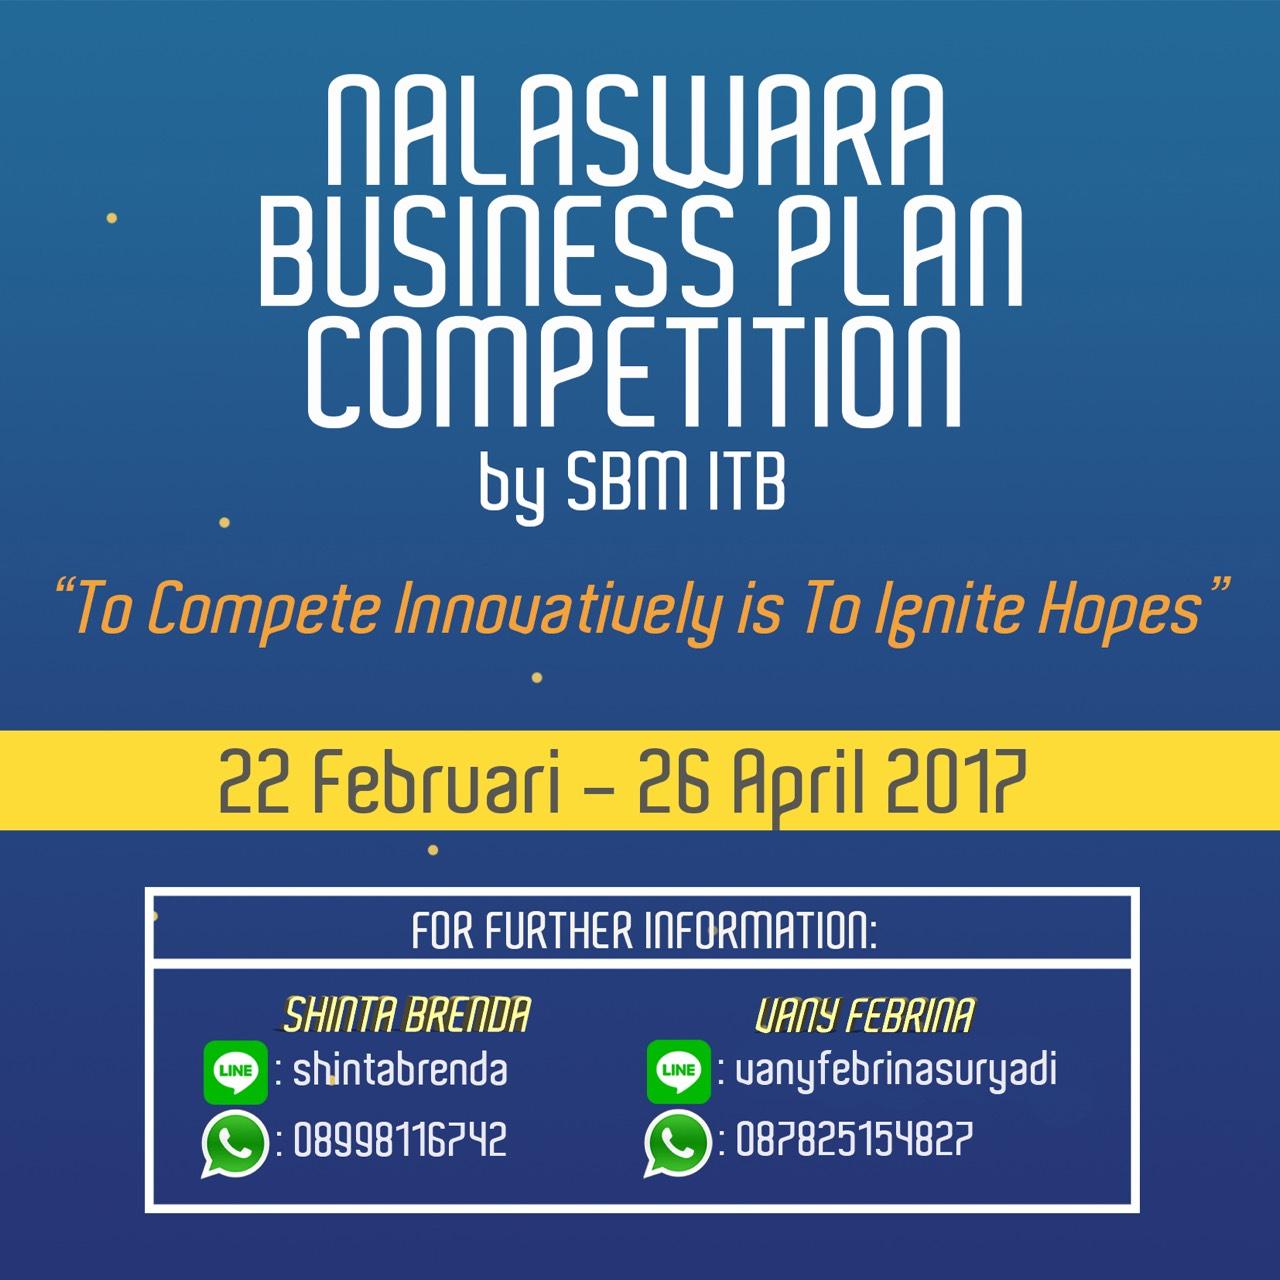 Nalaswara Business Plan Competition 2017